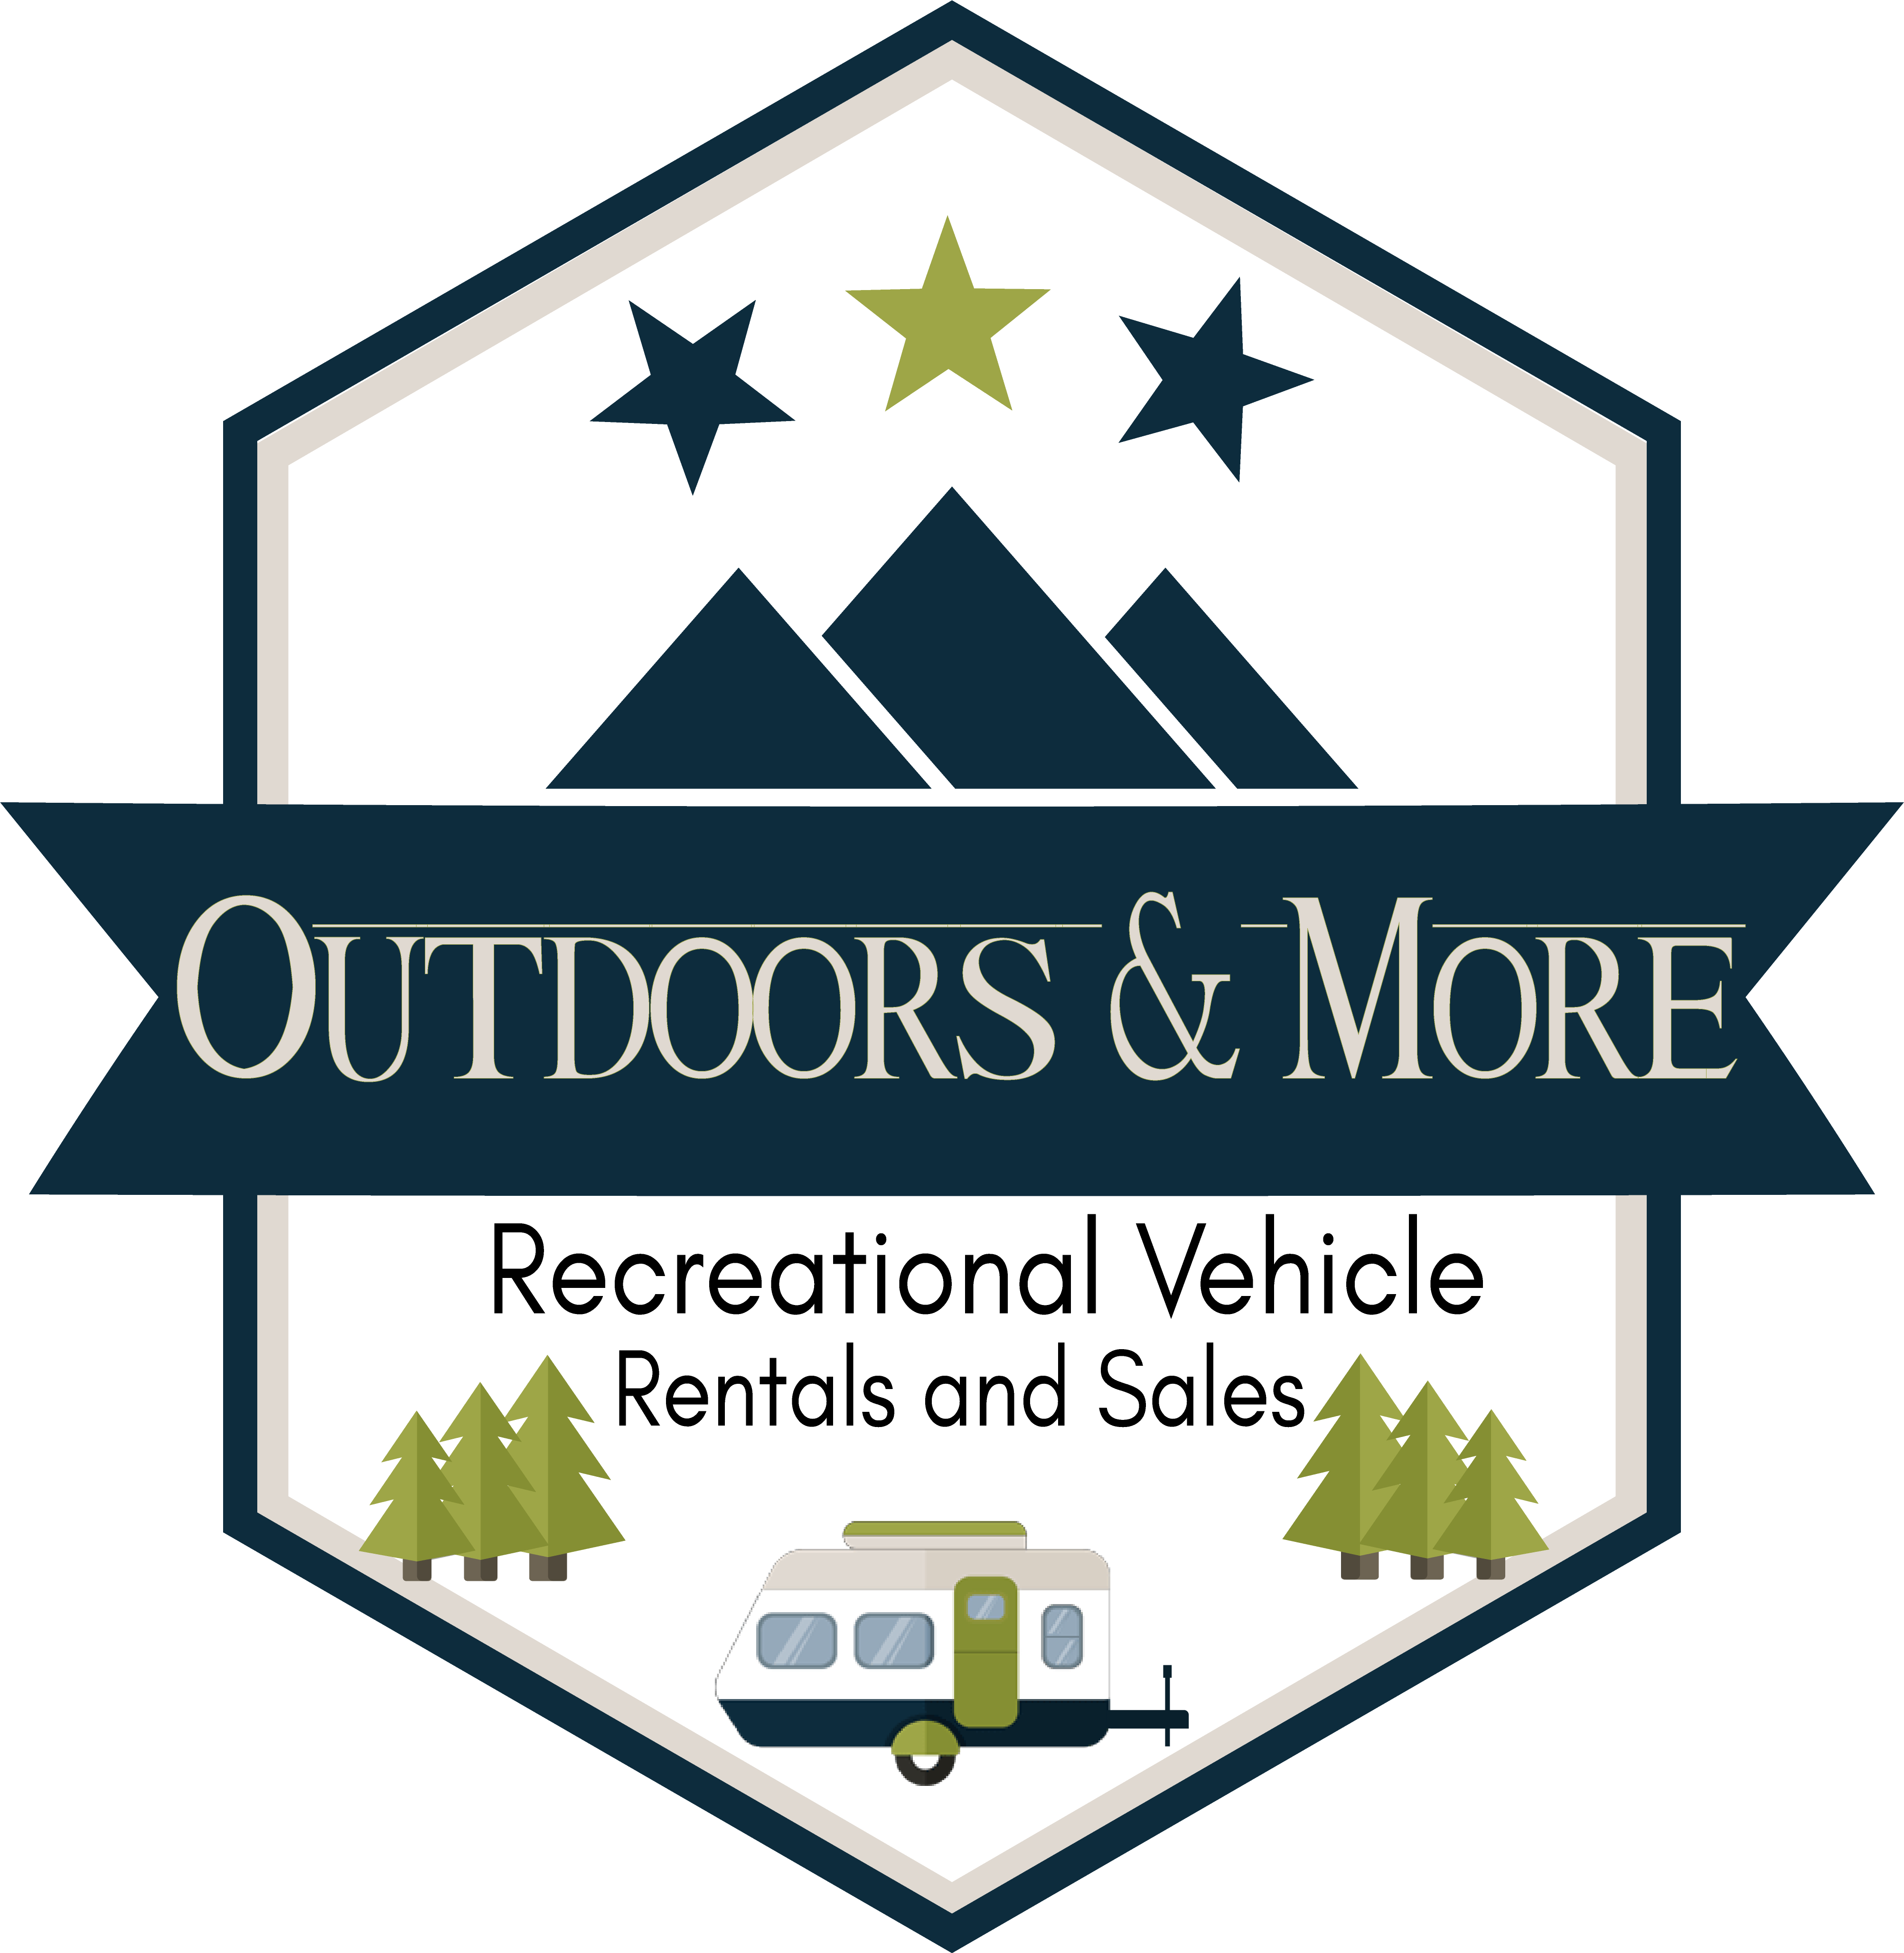 RV-trailer-rentals logo